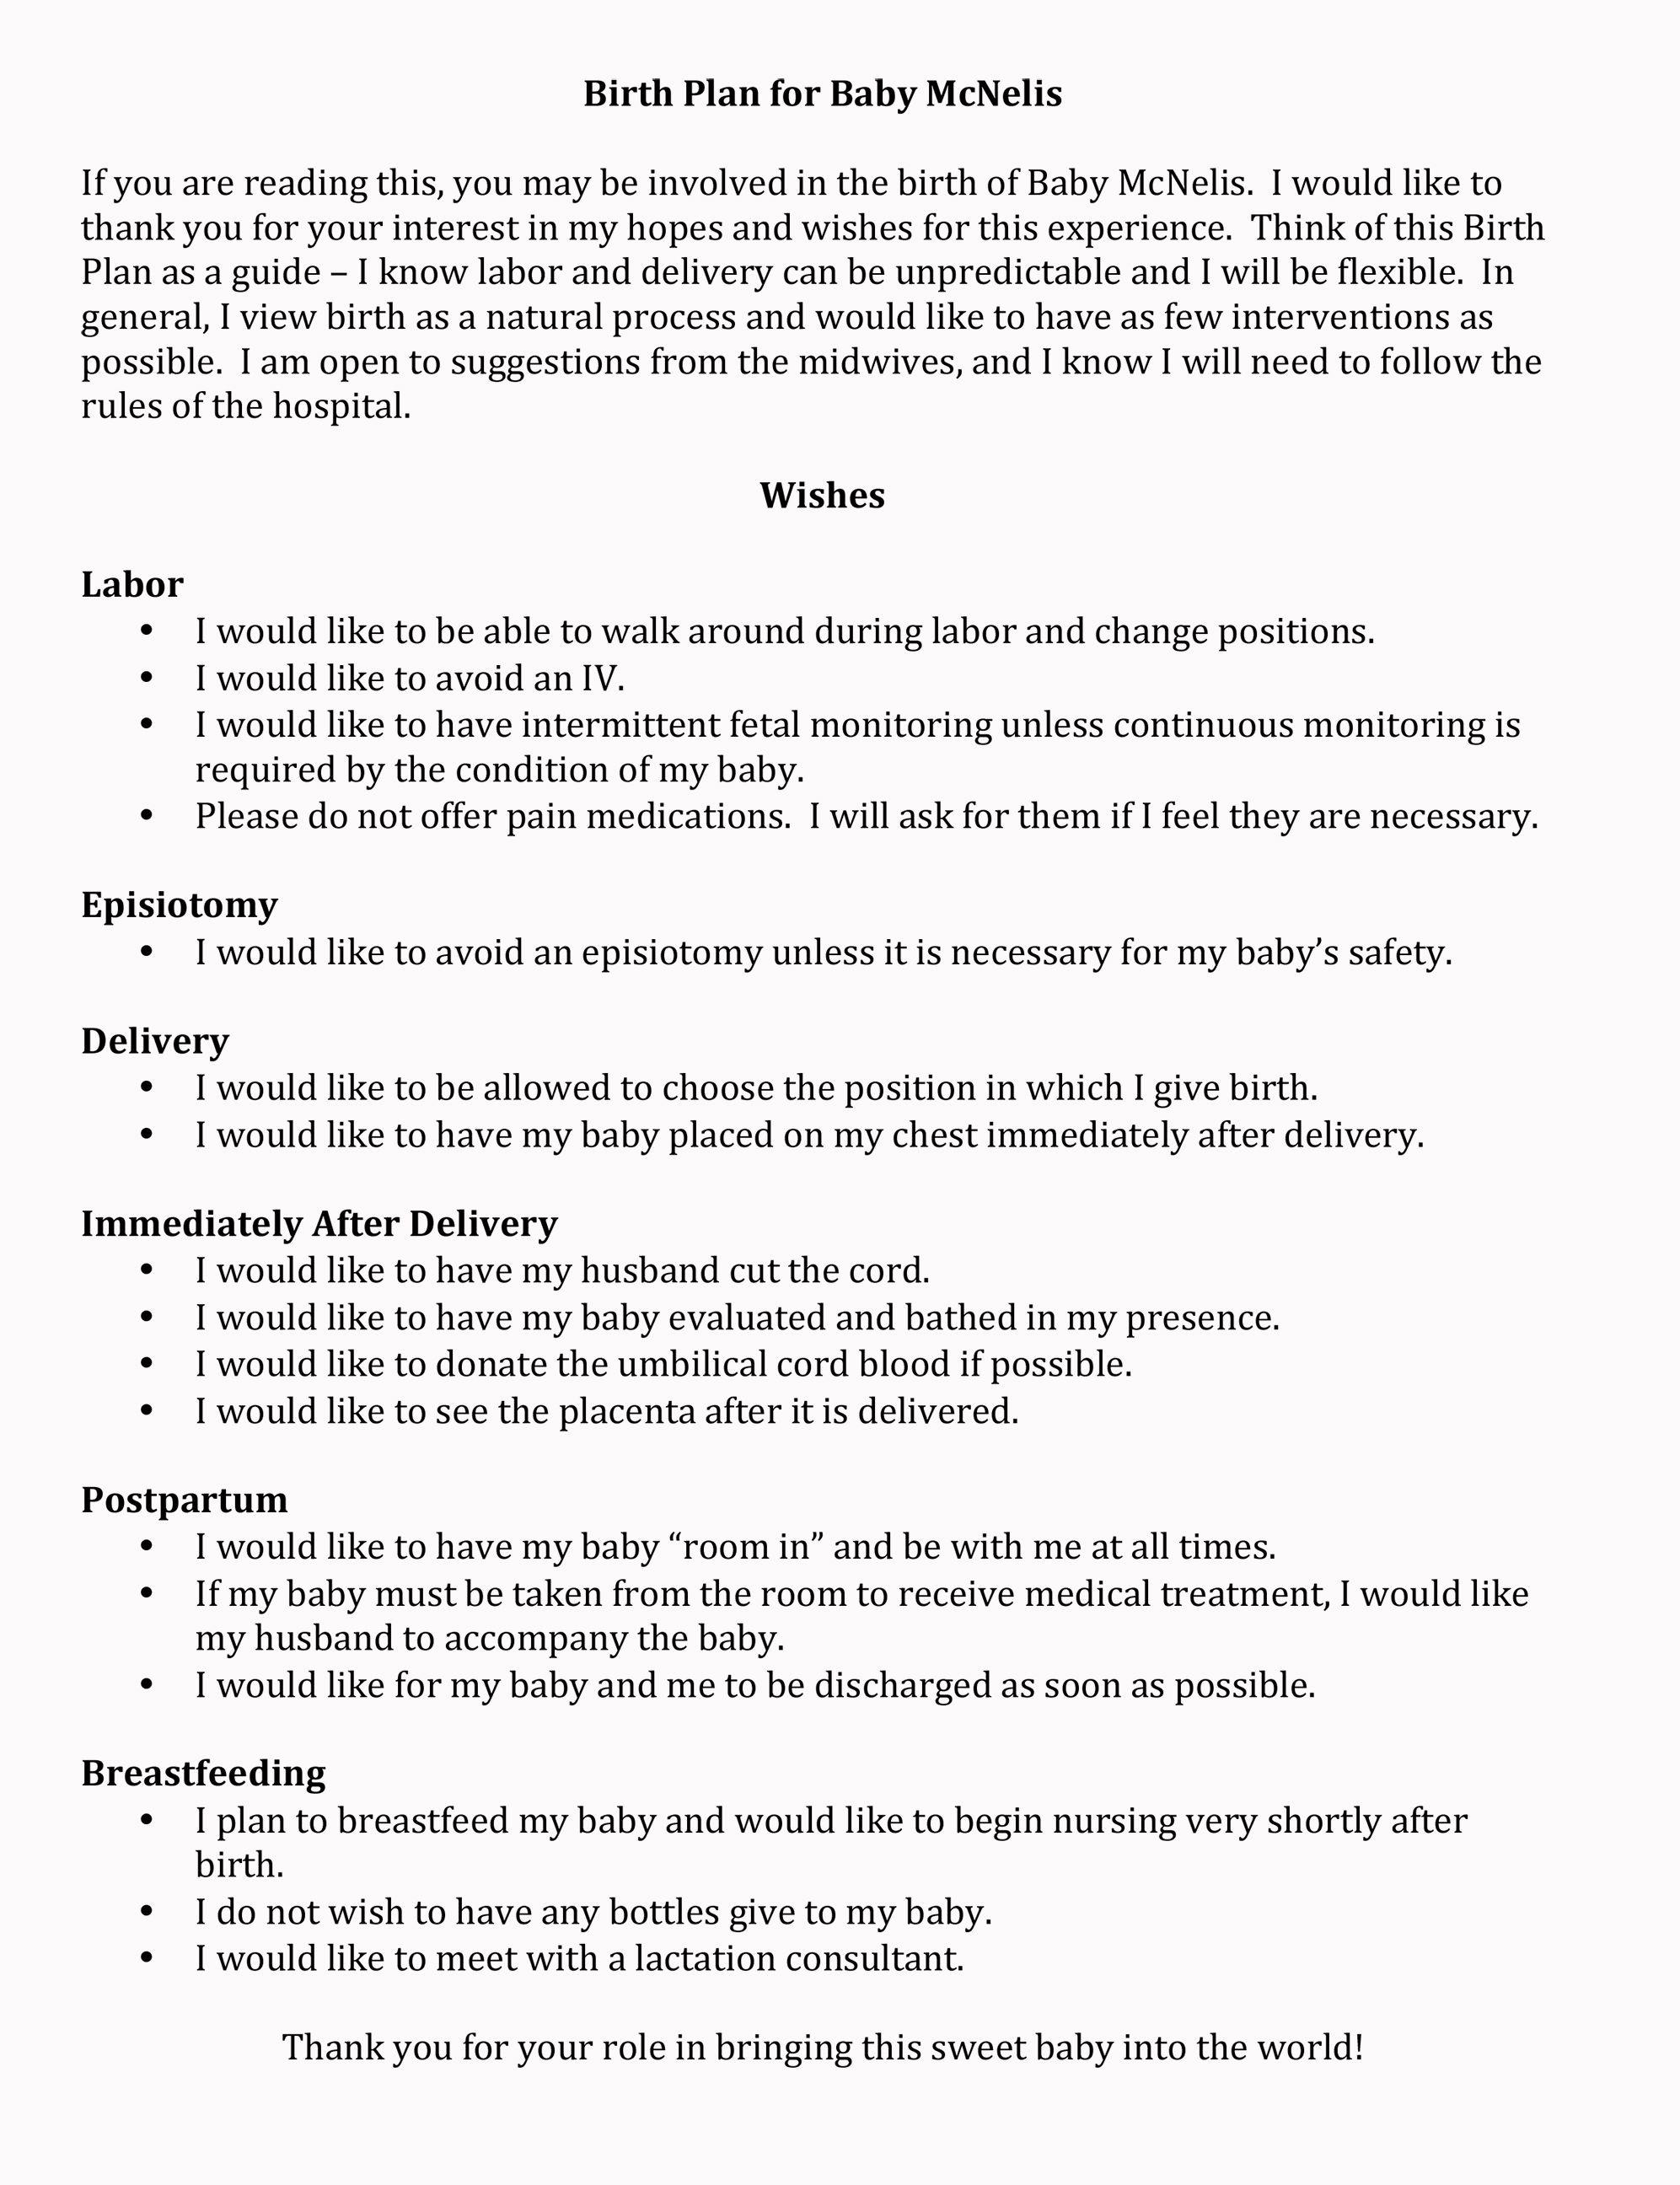 Birth Plan Idea